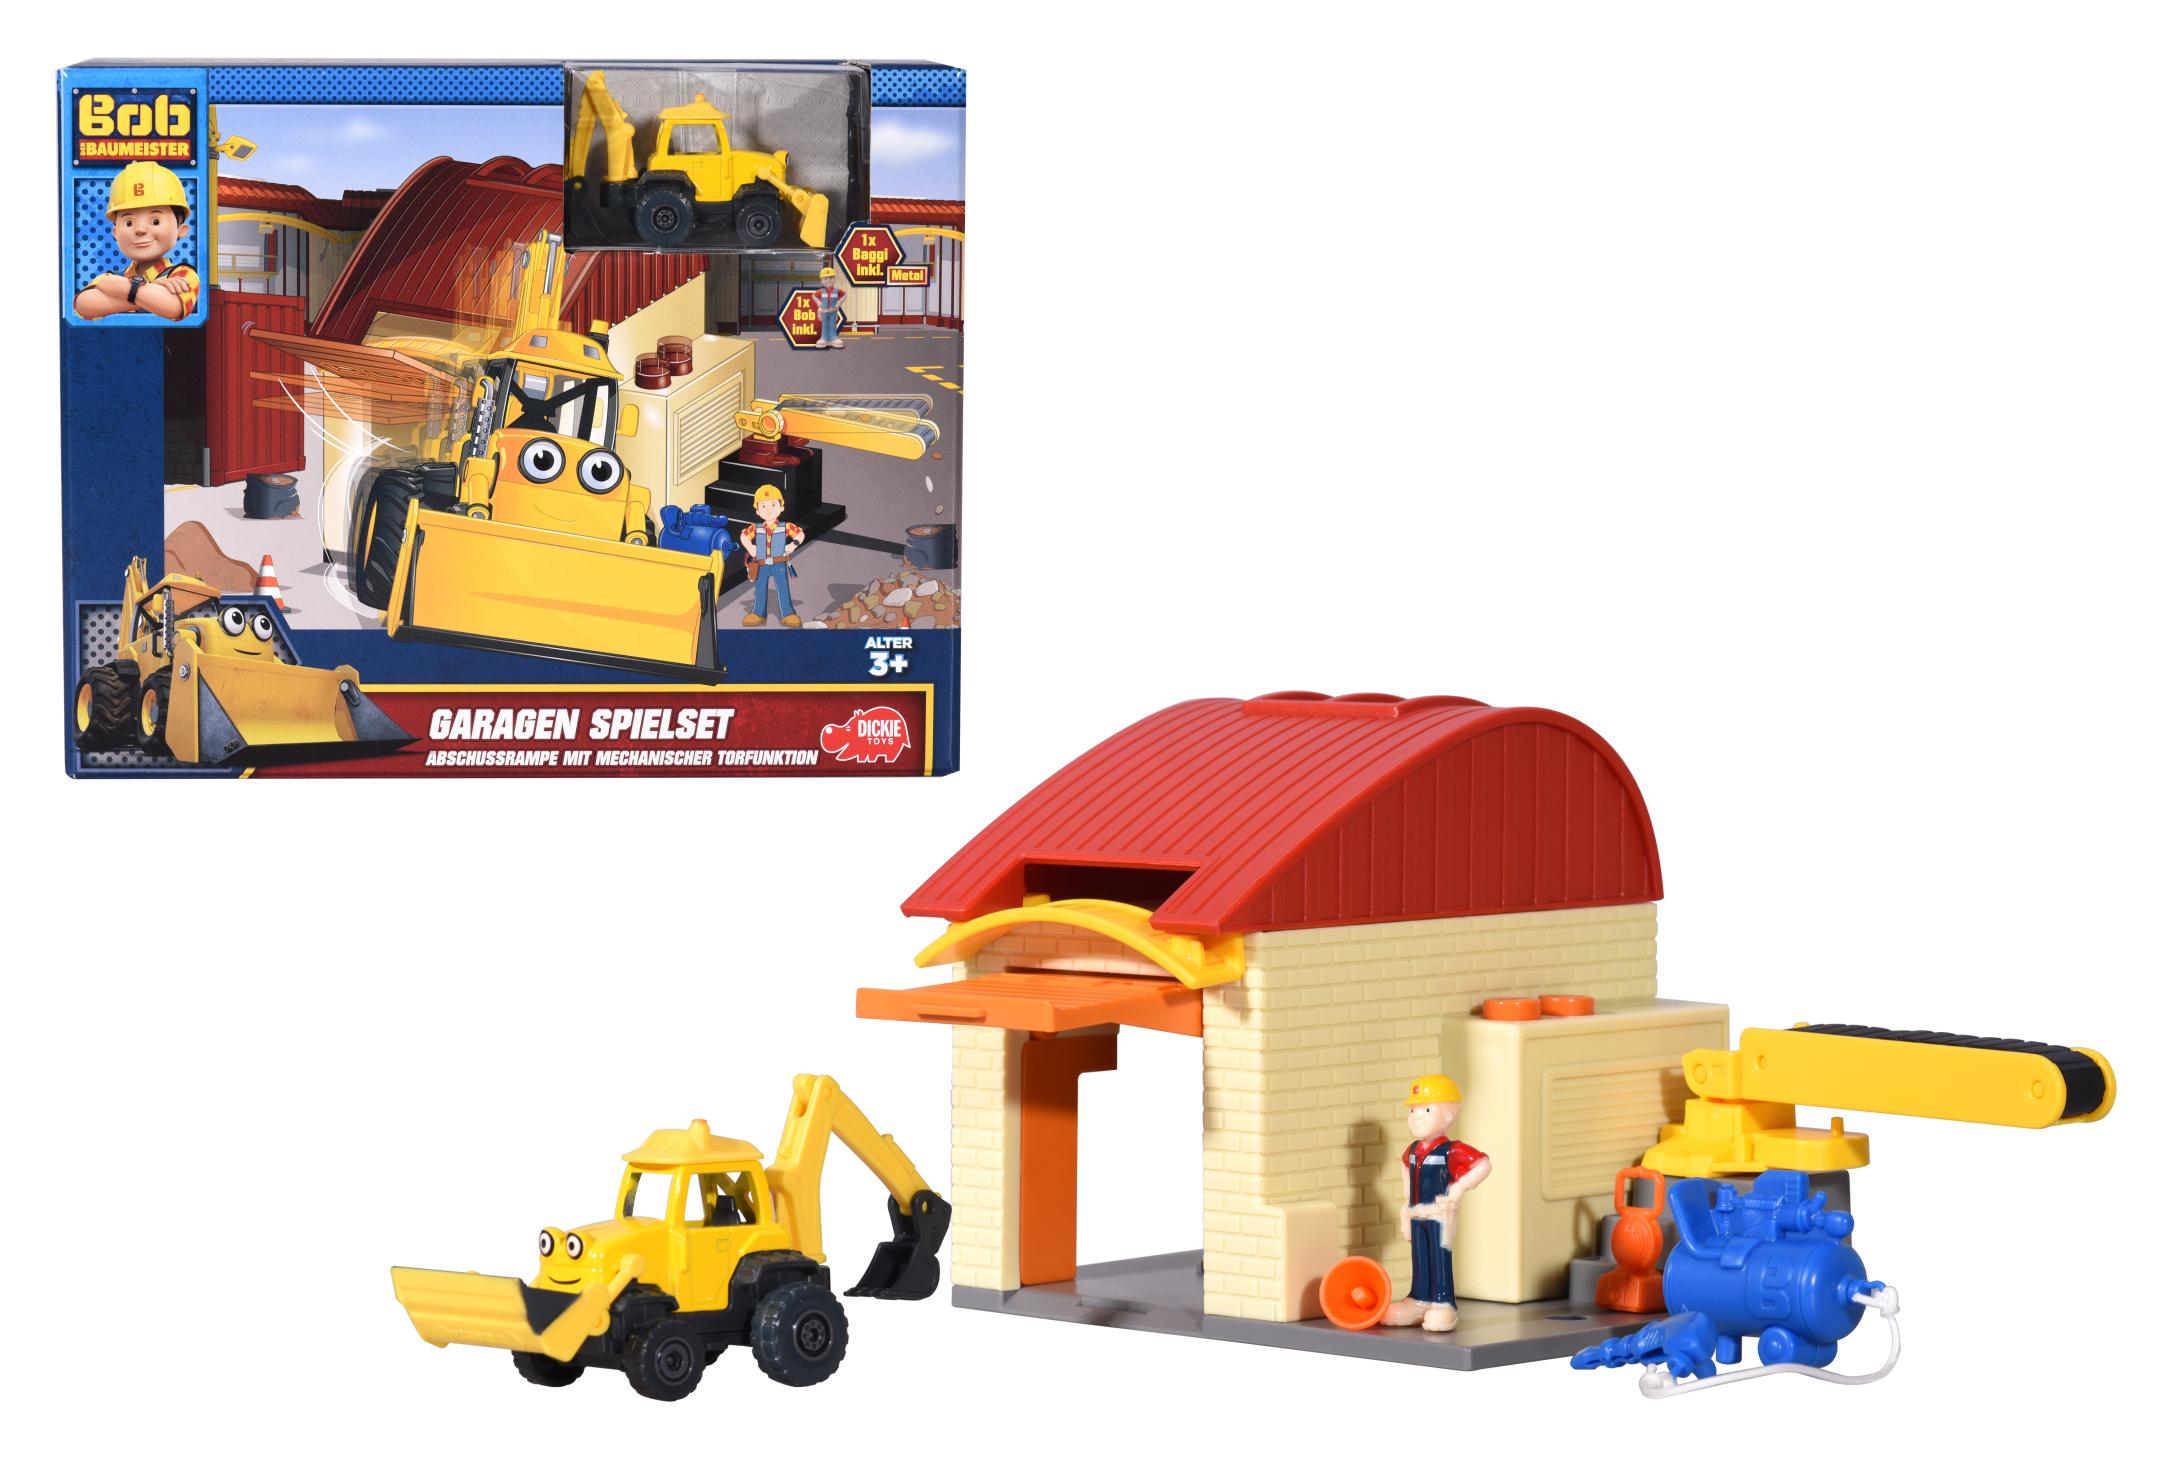 Bob der Baumeister Garagen Spielset